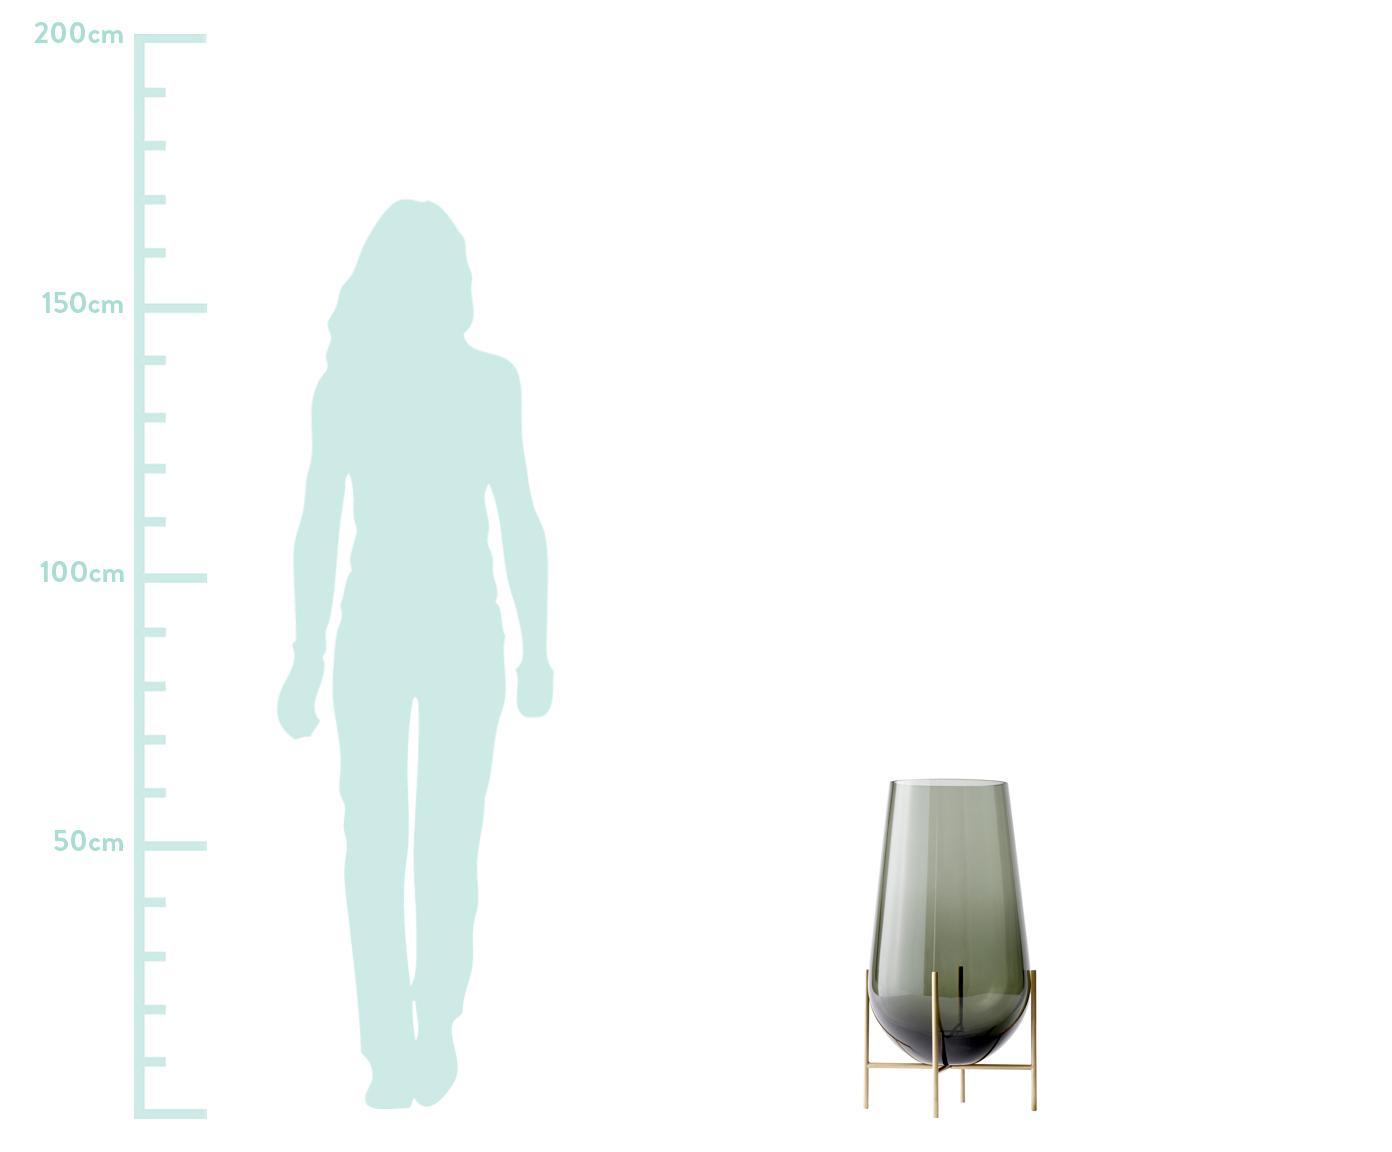 Wazon podłogowy ze szkła dmuchanego Échasse, Stelaż: mosiądz, Odcienie mosiądzu, szary, Ø 30 x W 60 cm